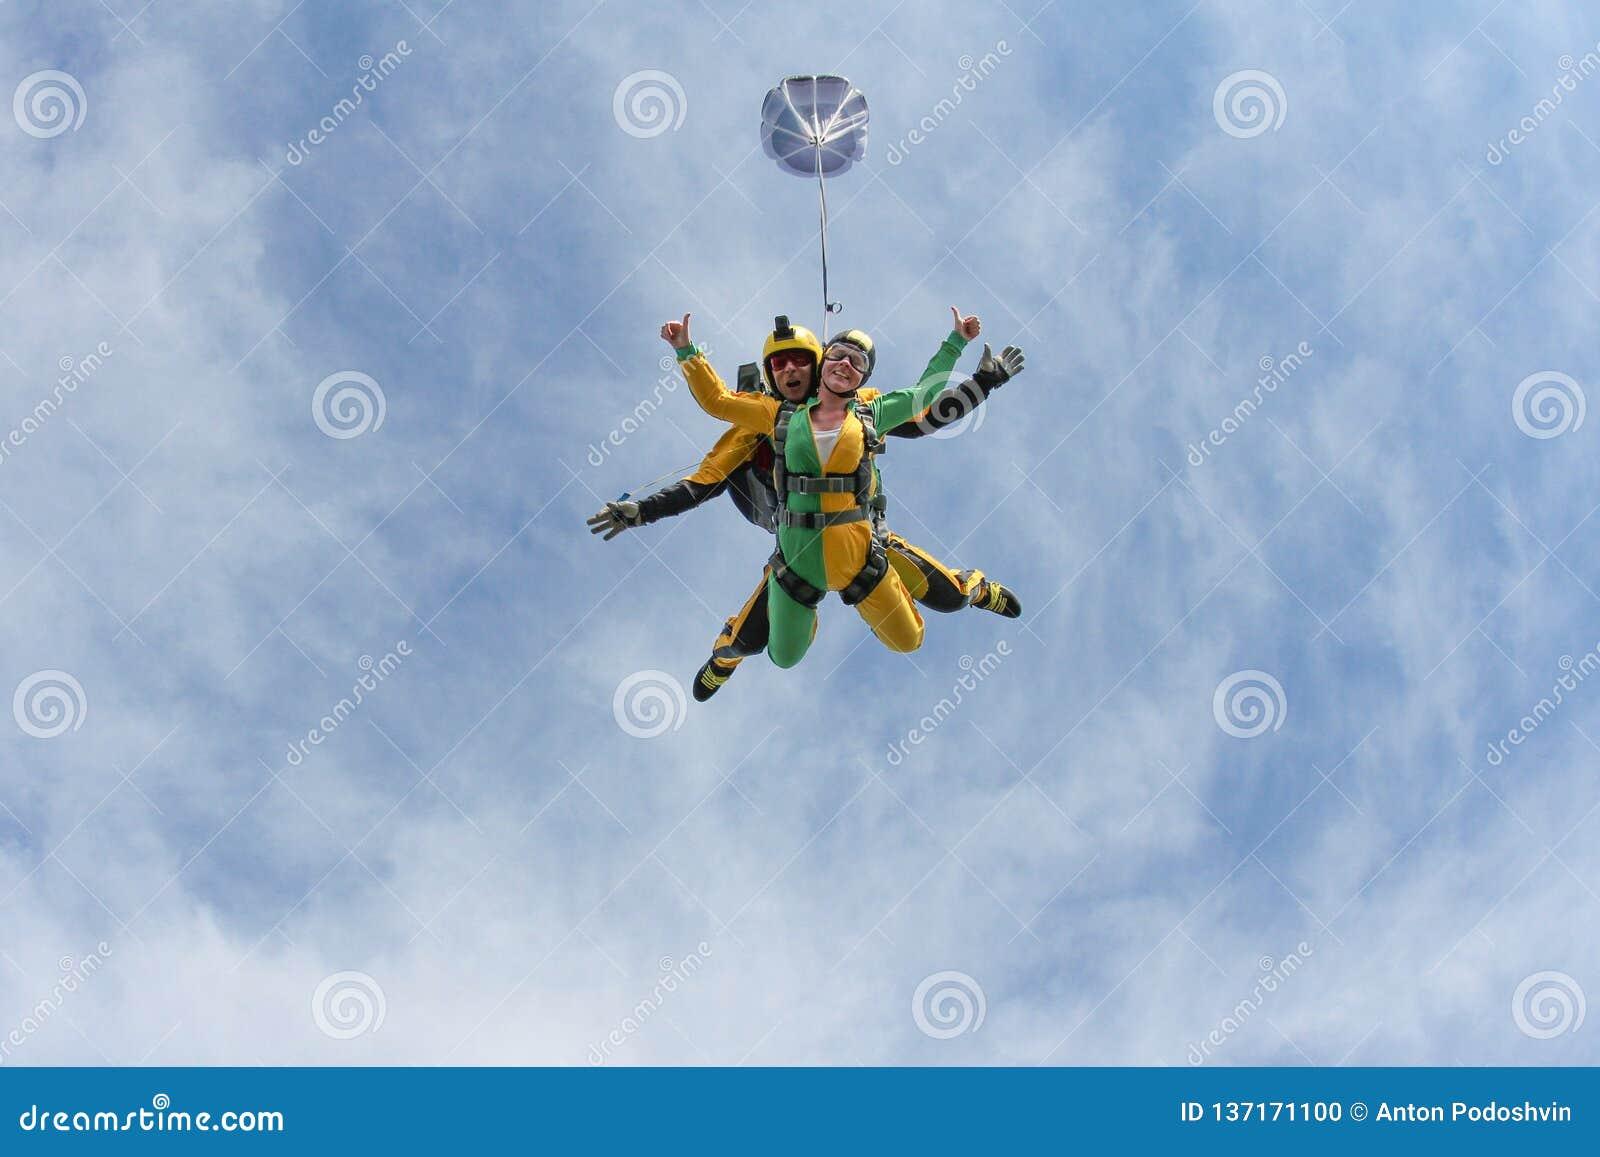 Saltar em queda livre em tandem Uma menina ativa está voando no céu azul